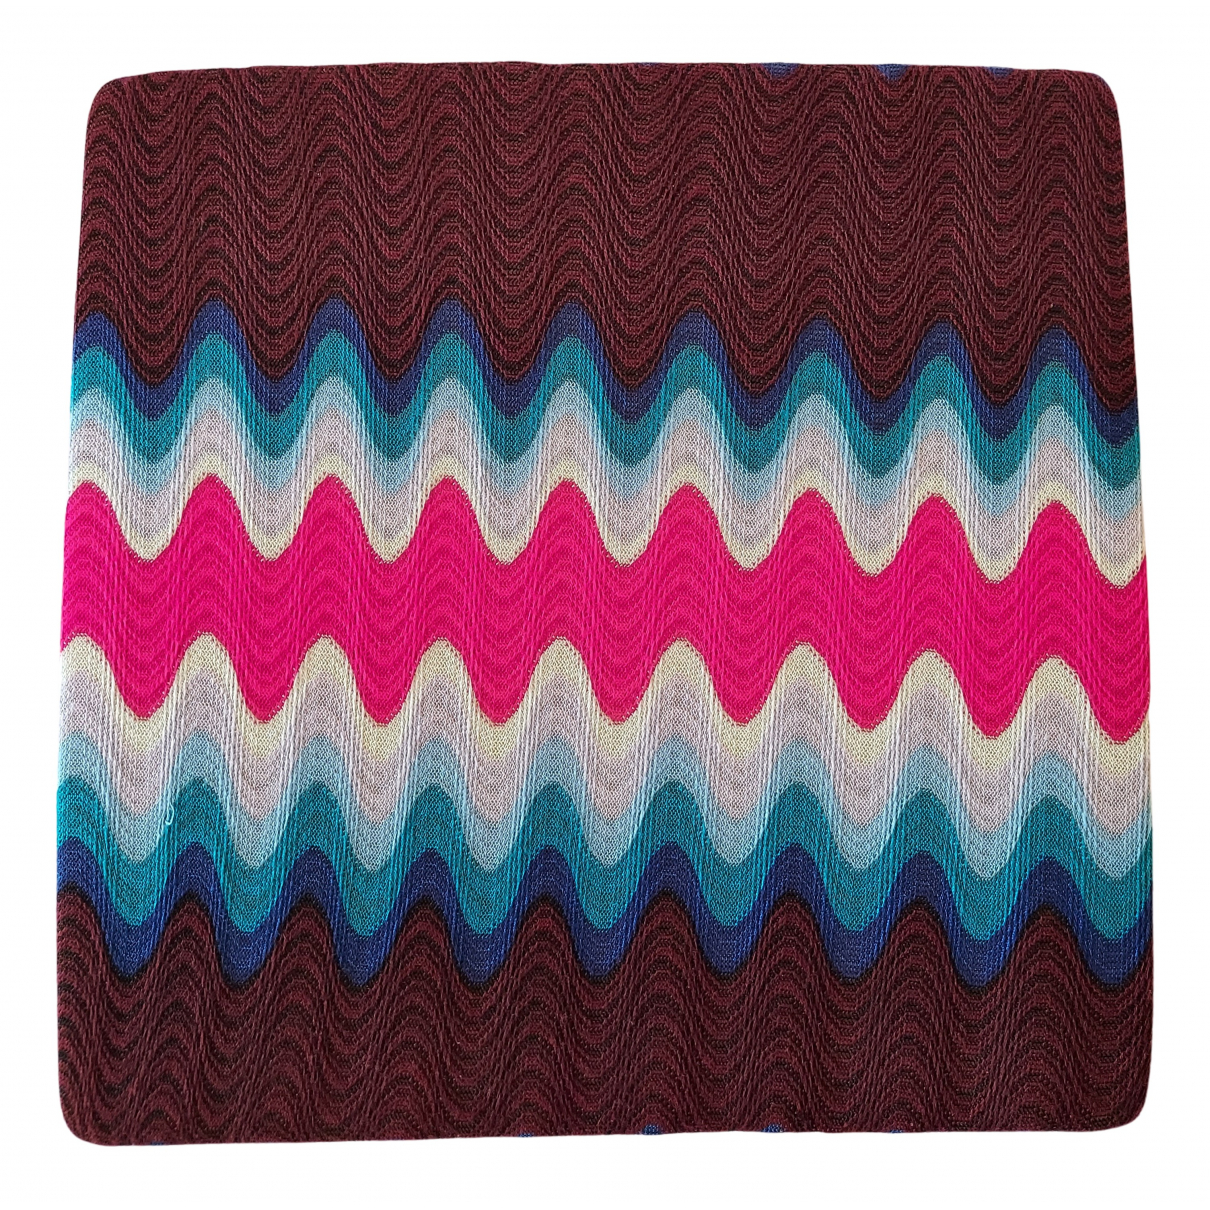 Missoni - Linge de maison   pour lifestyle en coton - multicolore